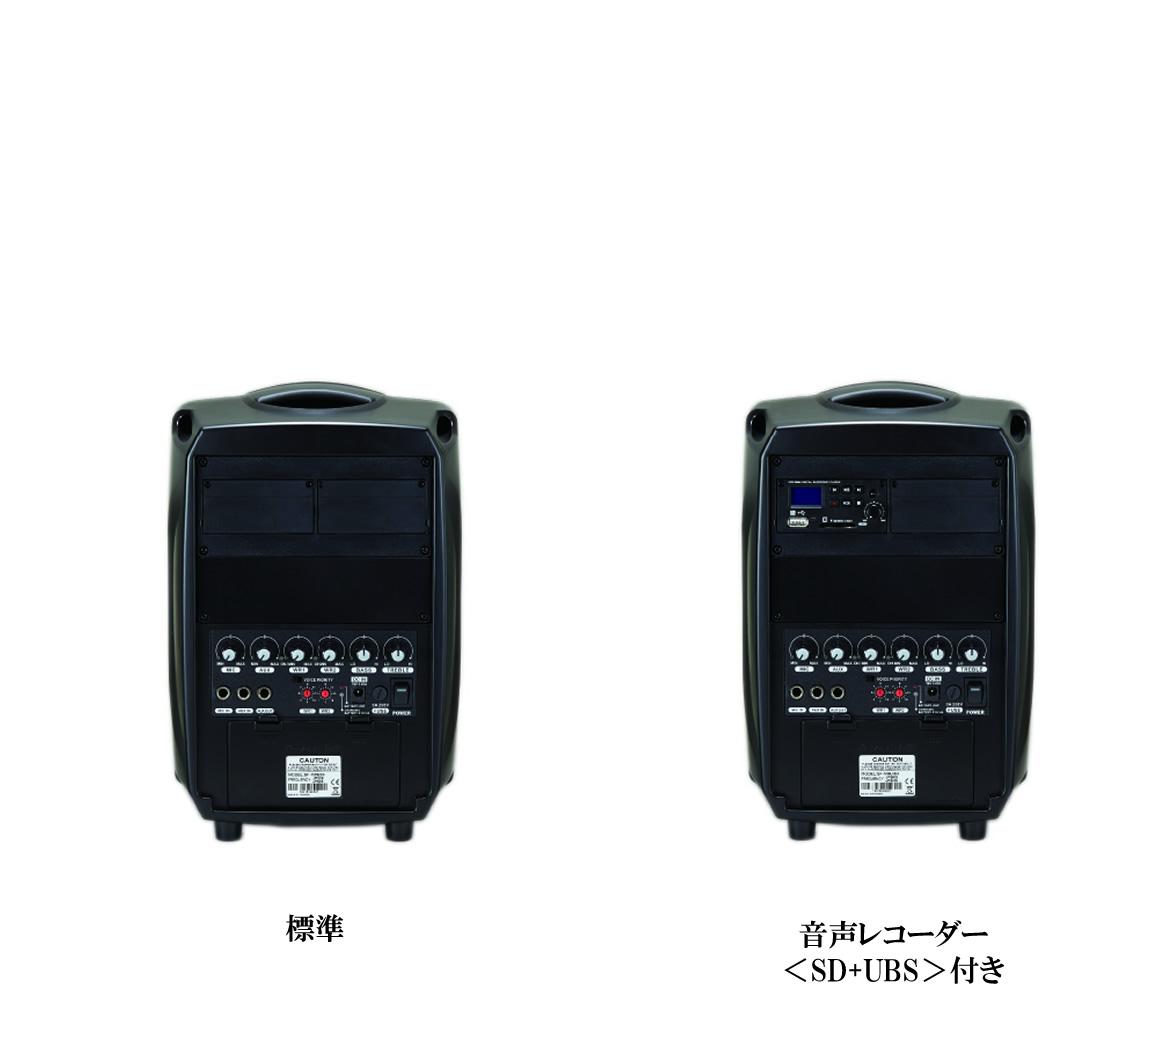 ミライスピーカーMoby(モビィ)左から 標準、音声レコーダー<SD+USB>付き